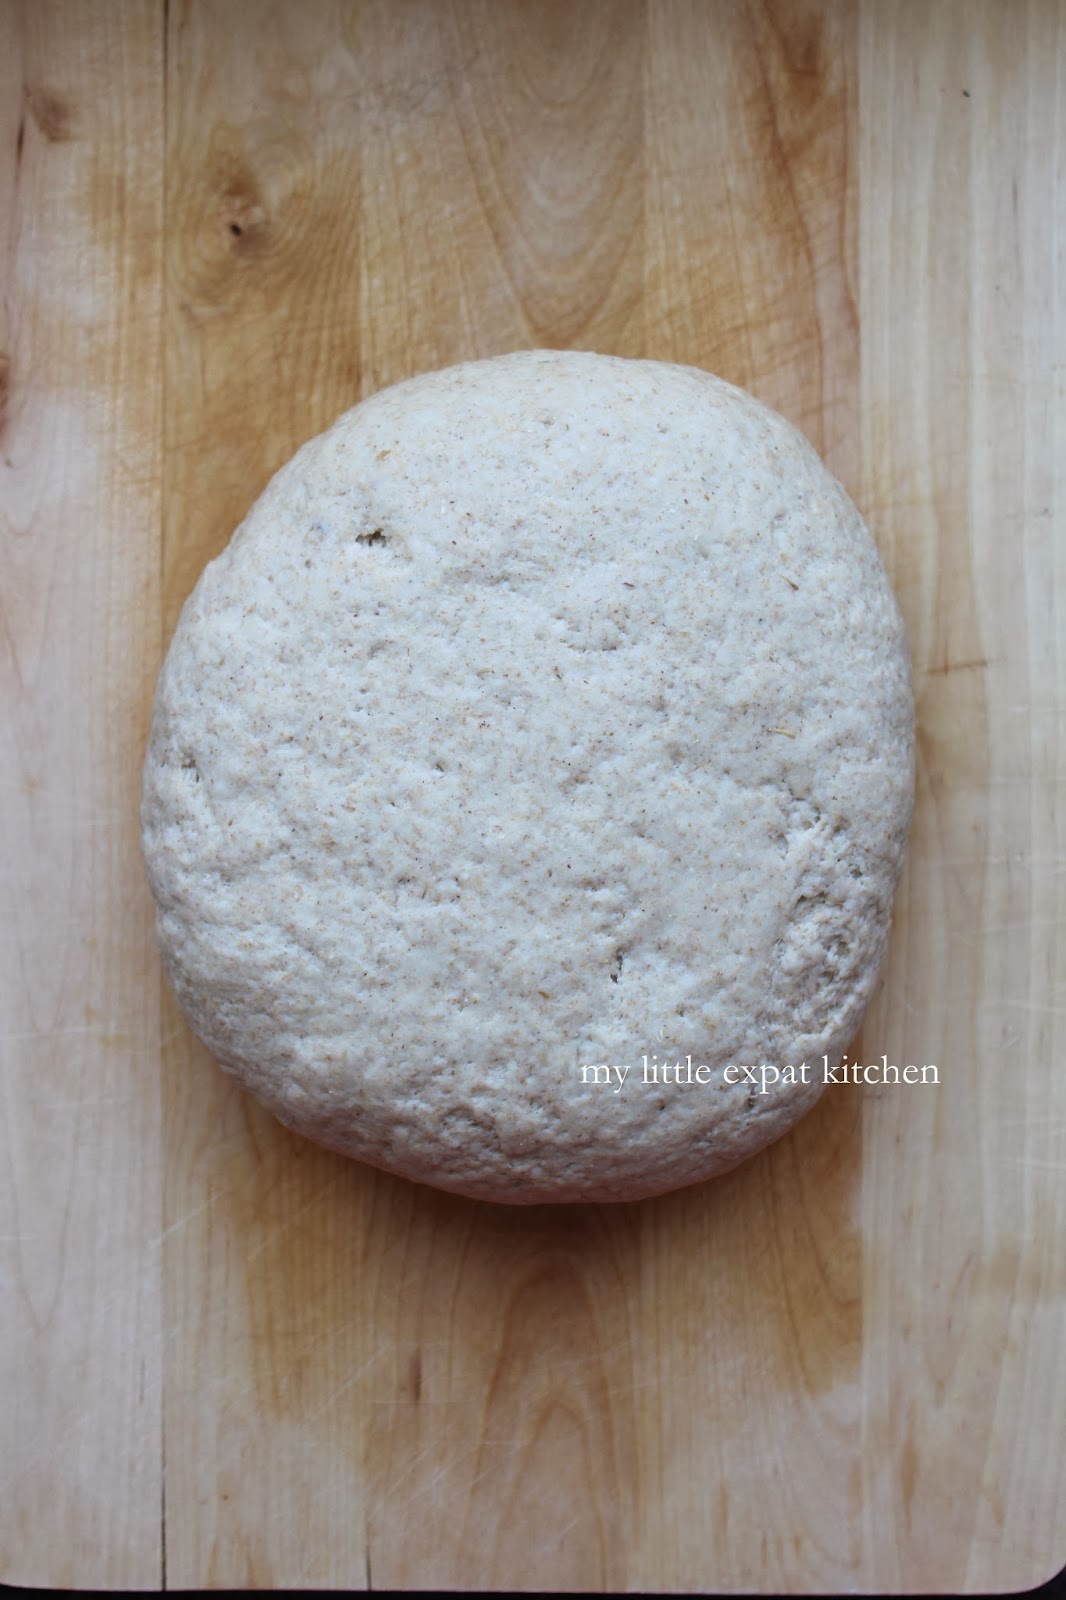 My Little Expat Kitchen: Greek barley bread